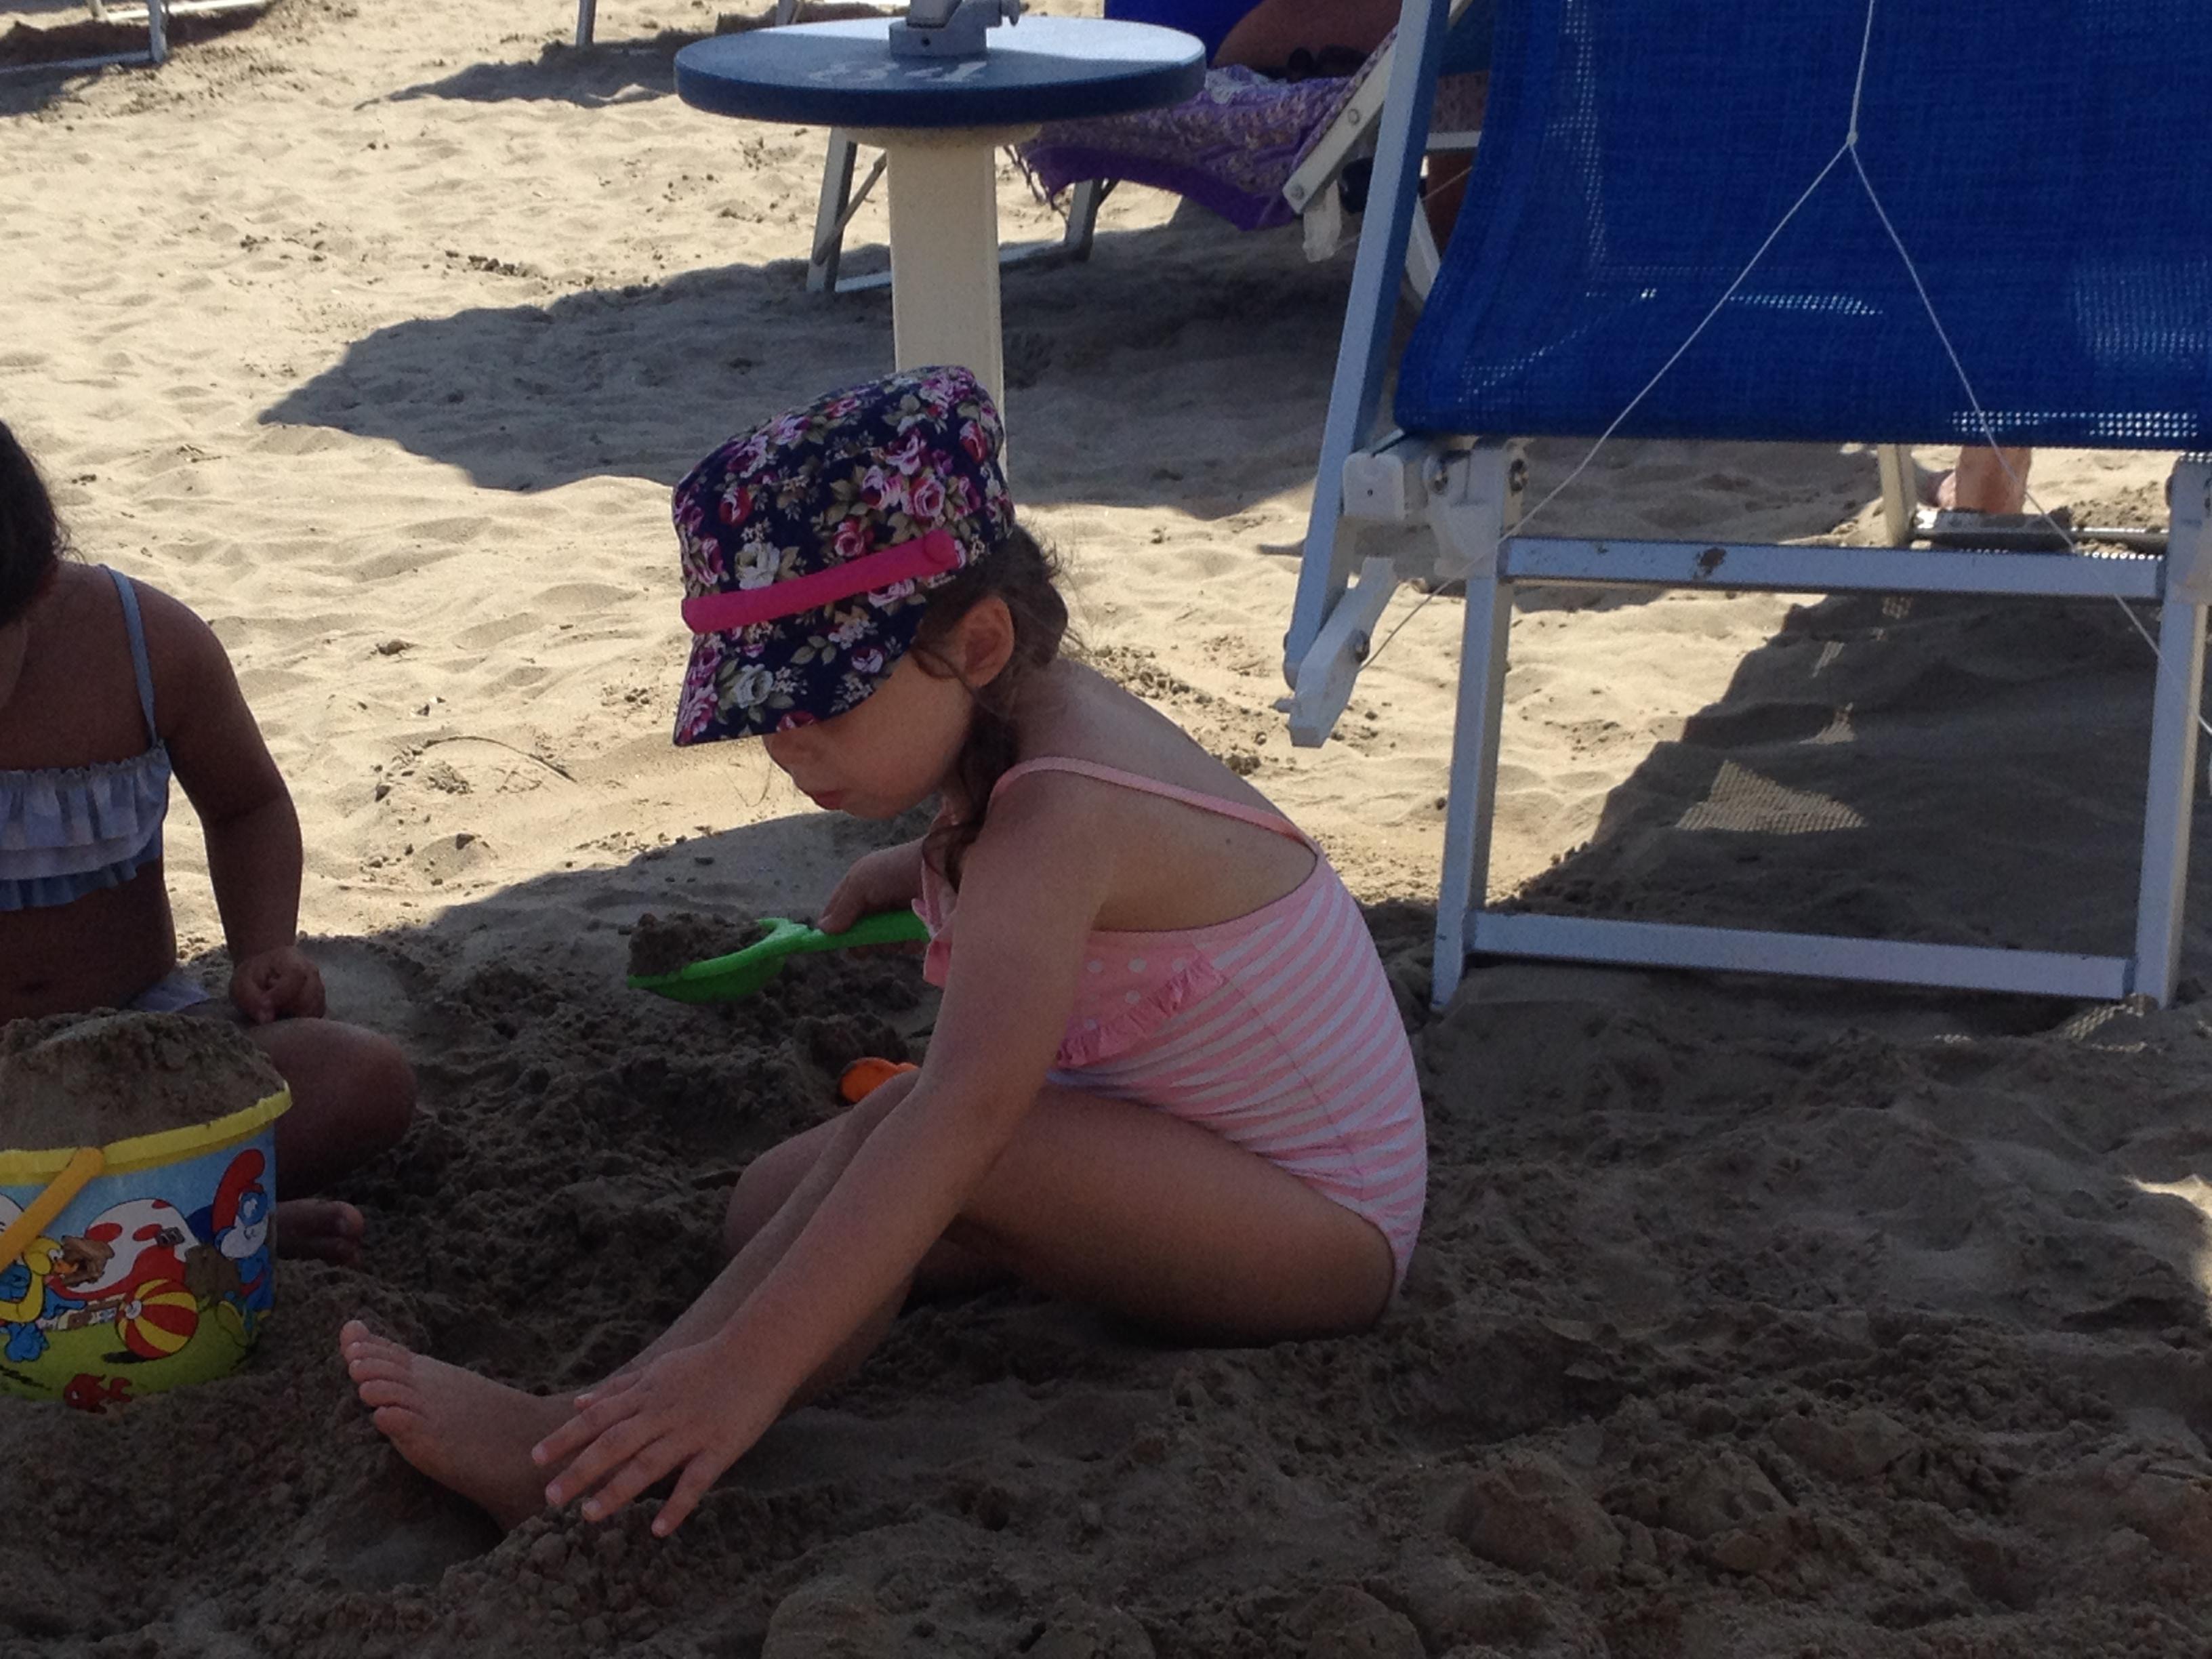 Bambini in spiaggia: cosa fare in caso di …